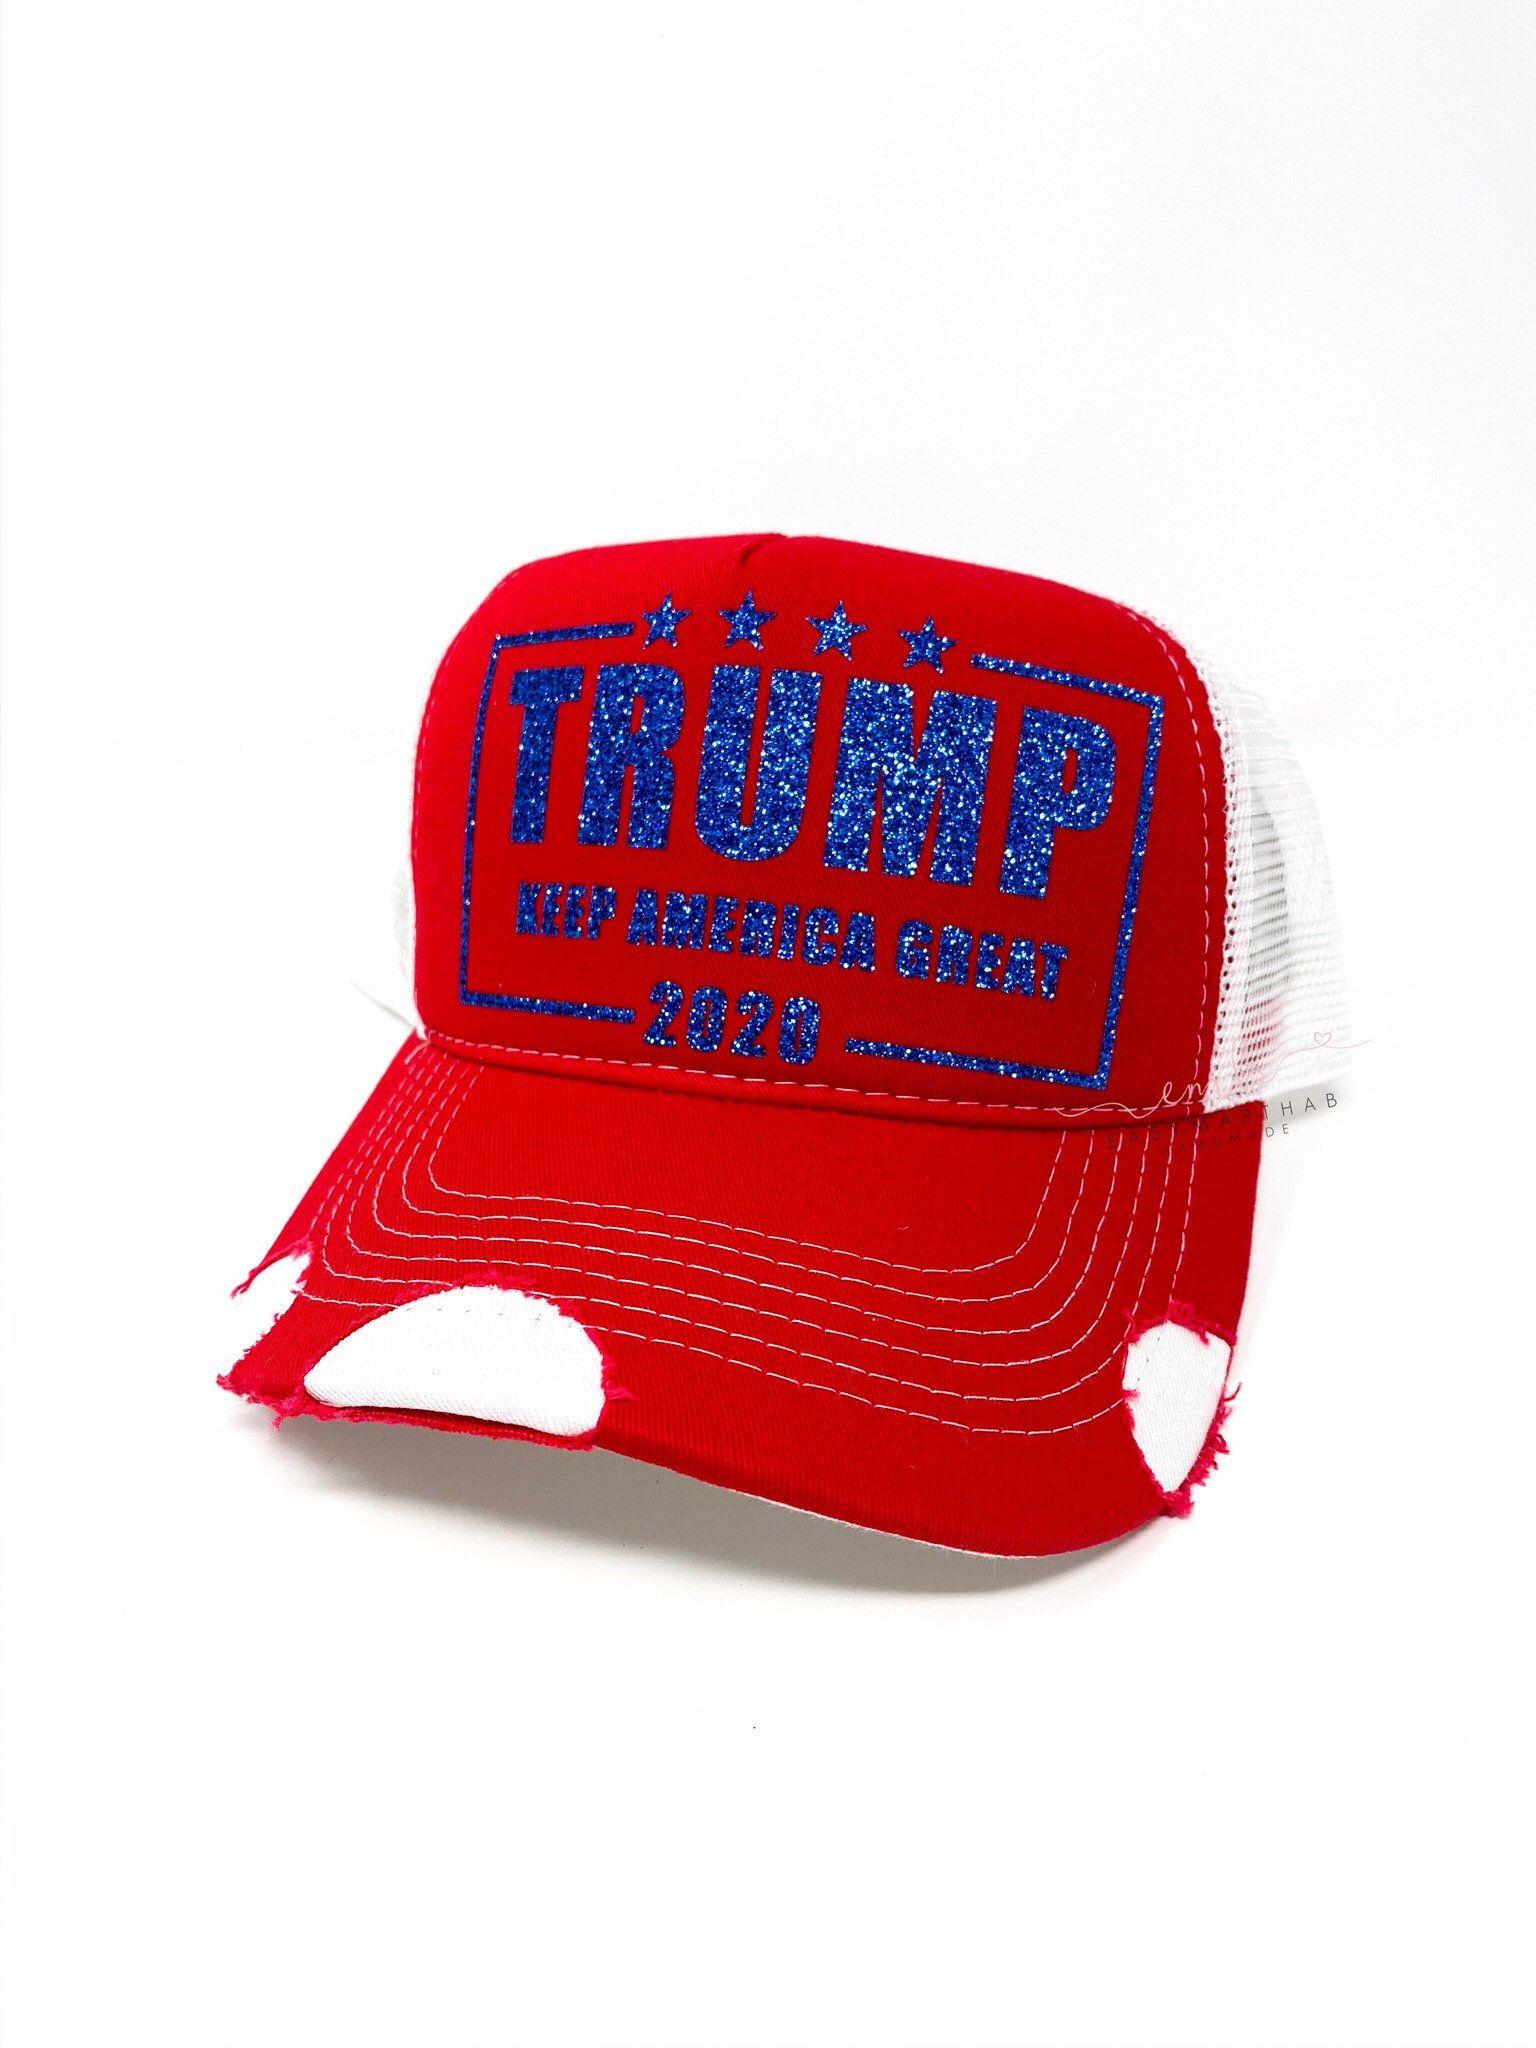 Trump 2020 Trucker Hat Glitter Trump Hat Maga 2020 Keep Etsy In 2020 Trucker Hat Trump Hat Trucker